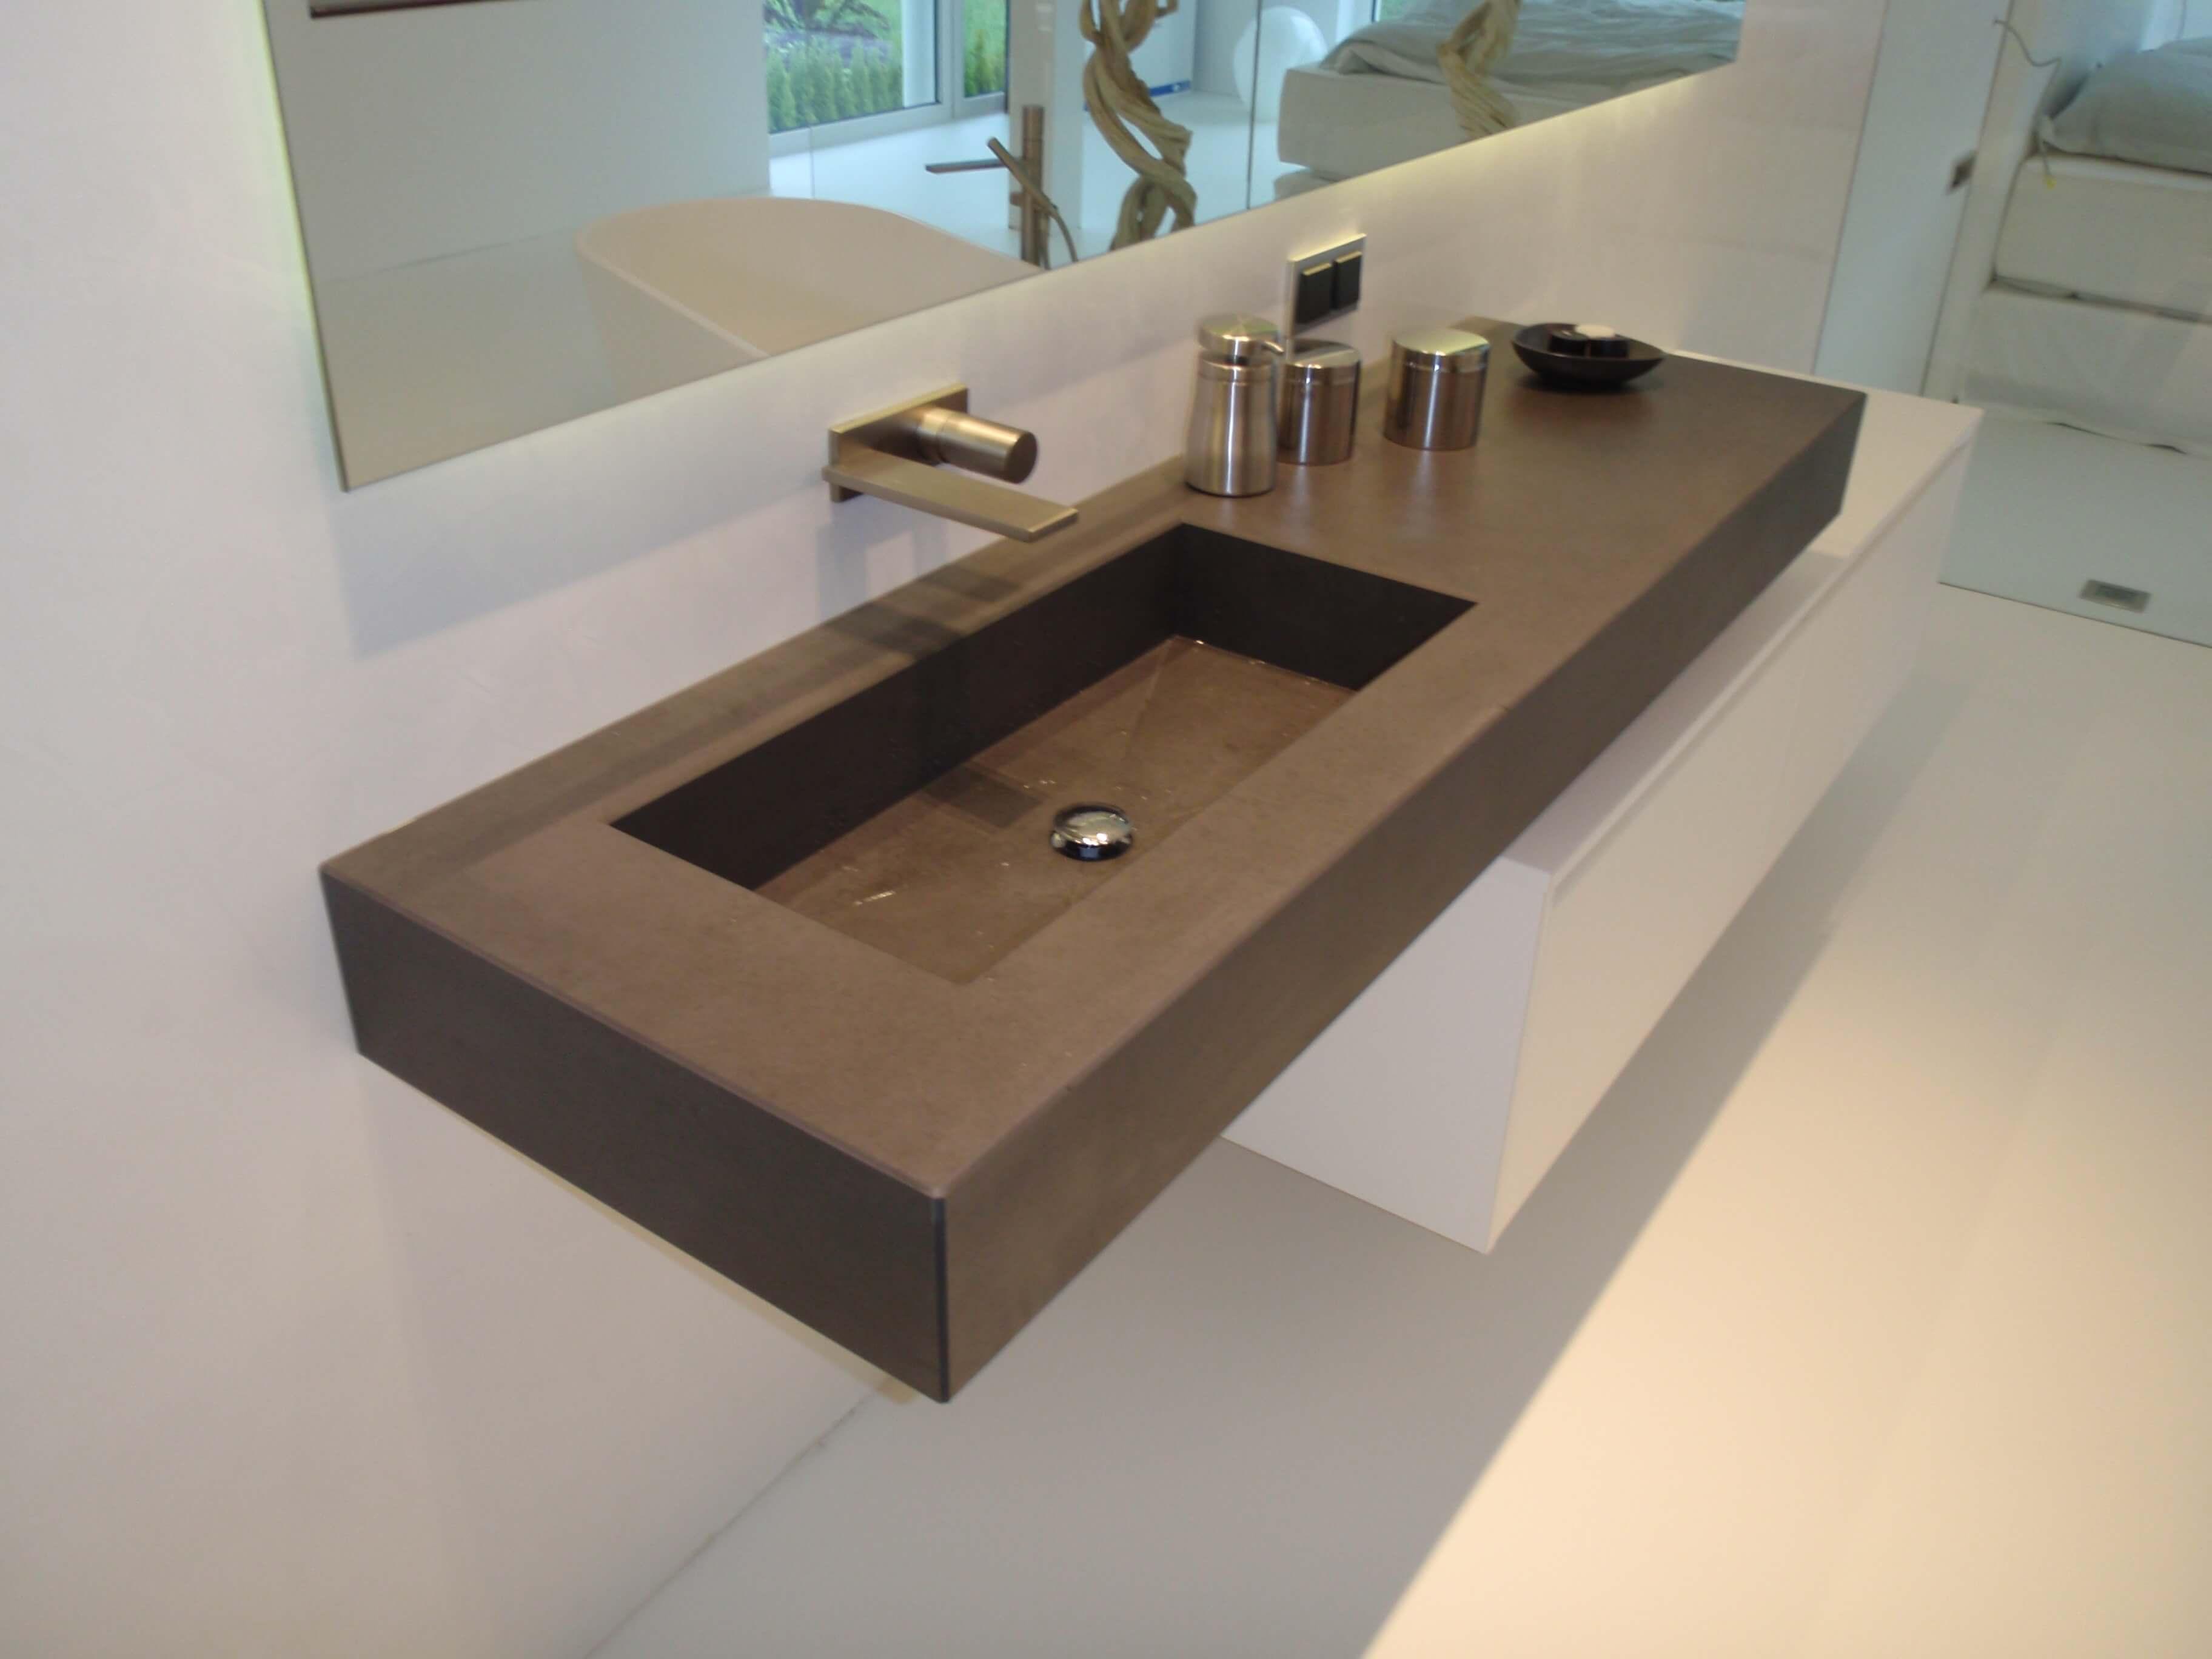 Waschtisch-waschbecken-villach-design-stein-winkler-kärnten-naturstein-maßanfertigung-handgemacht-qualität (2)